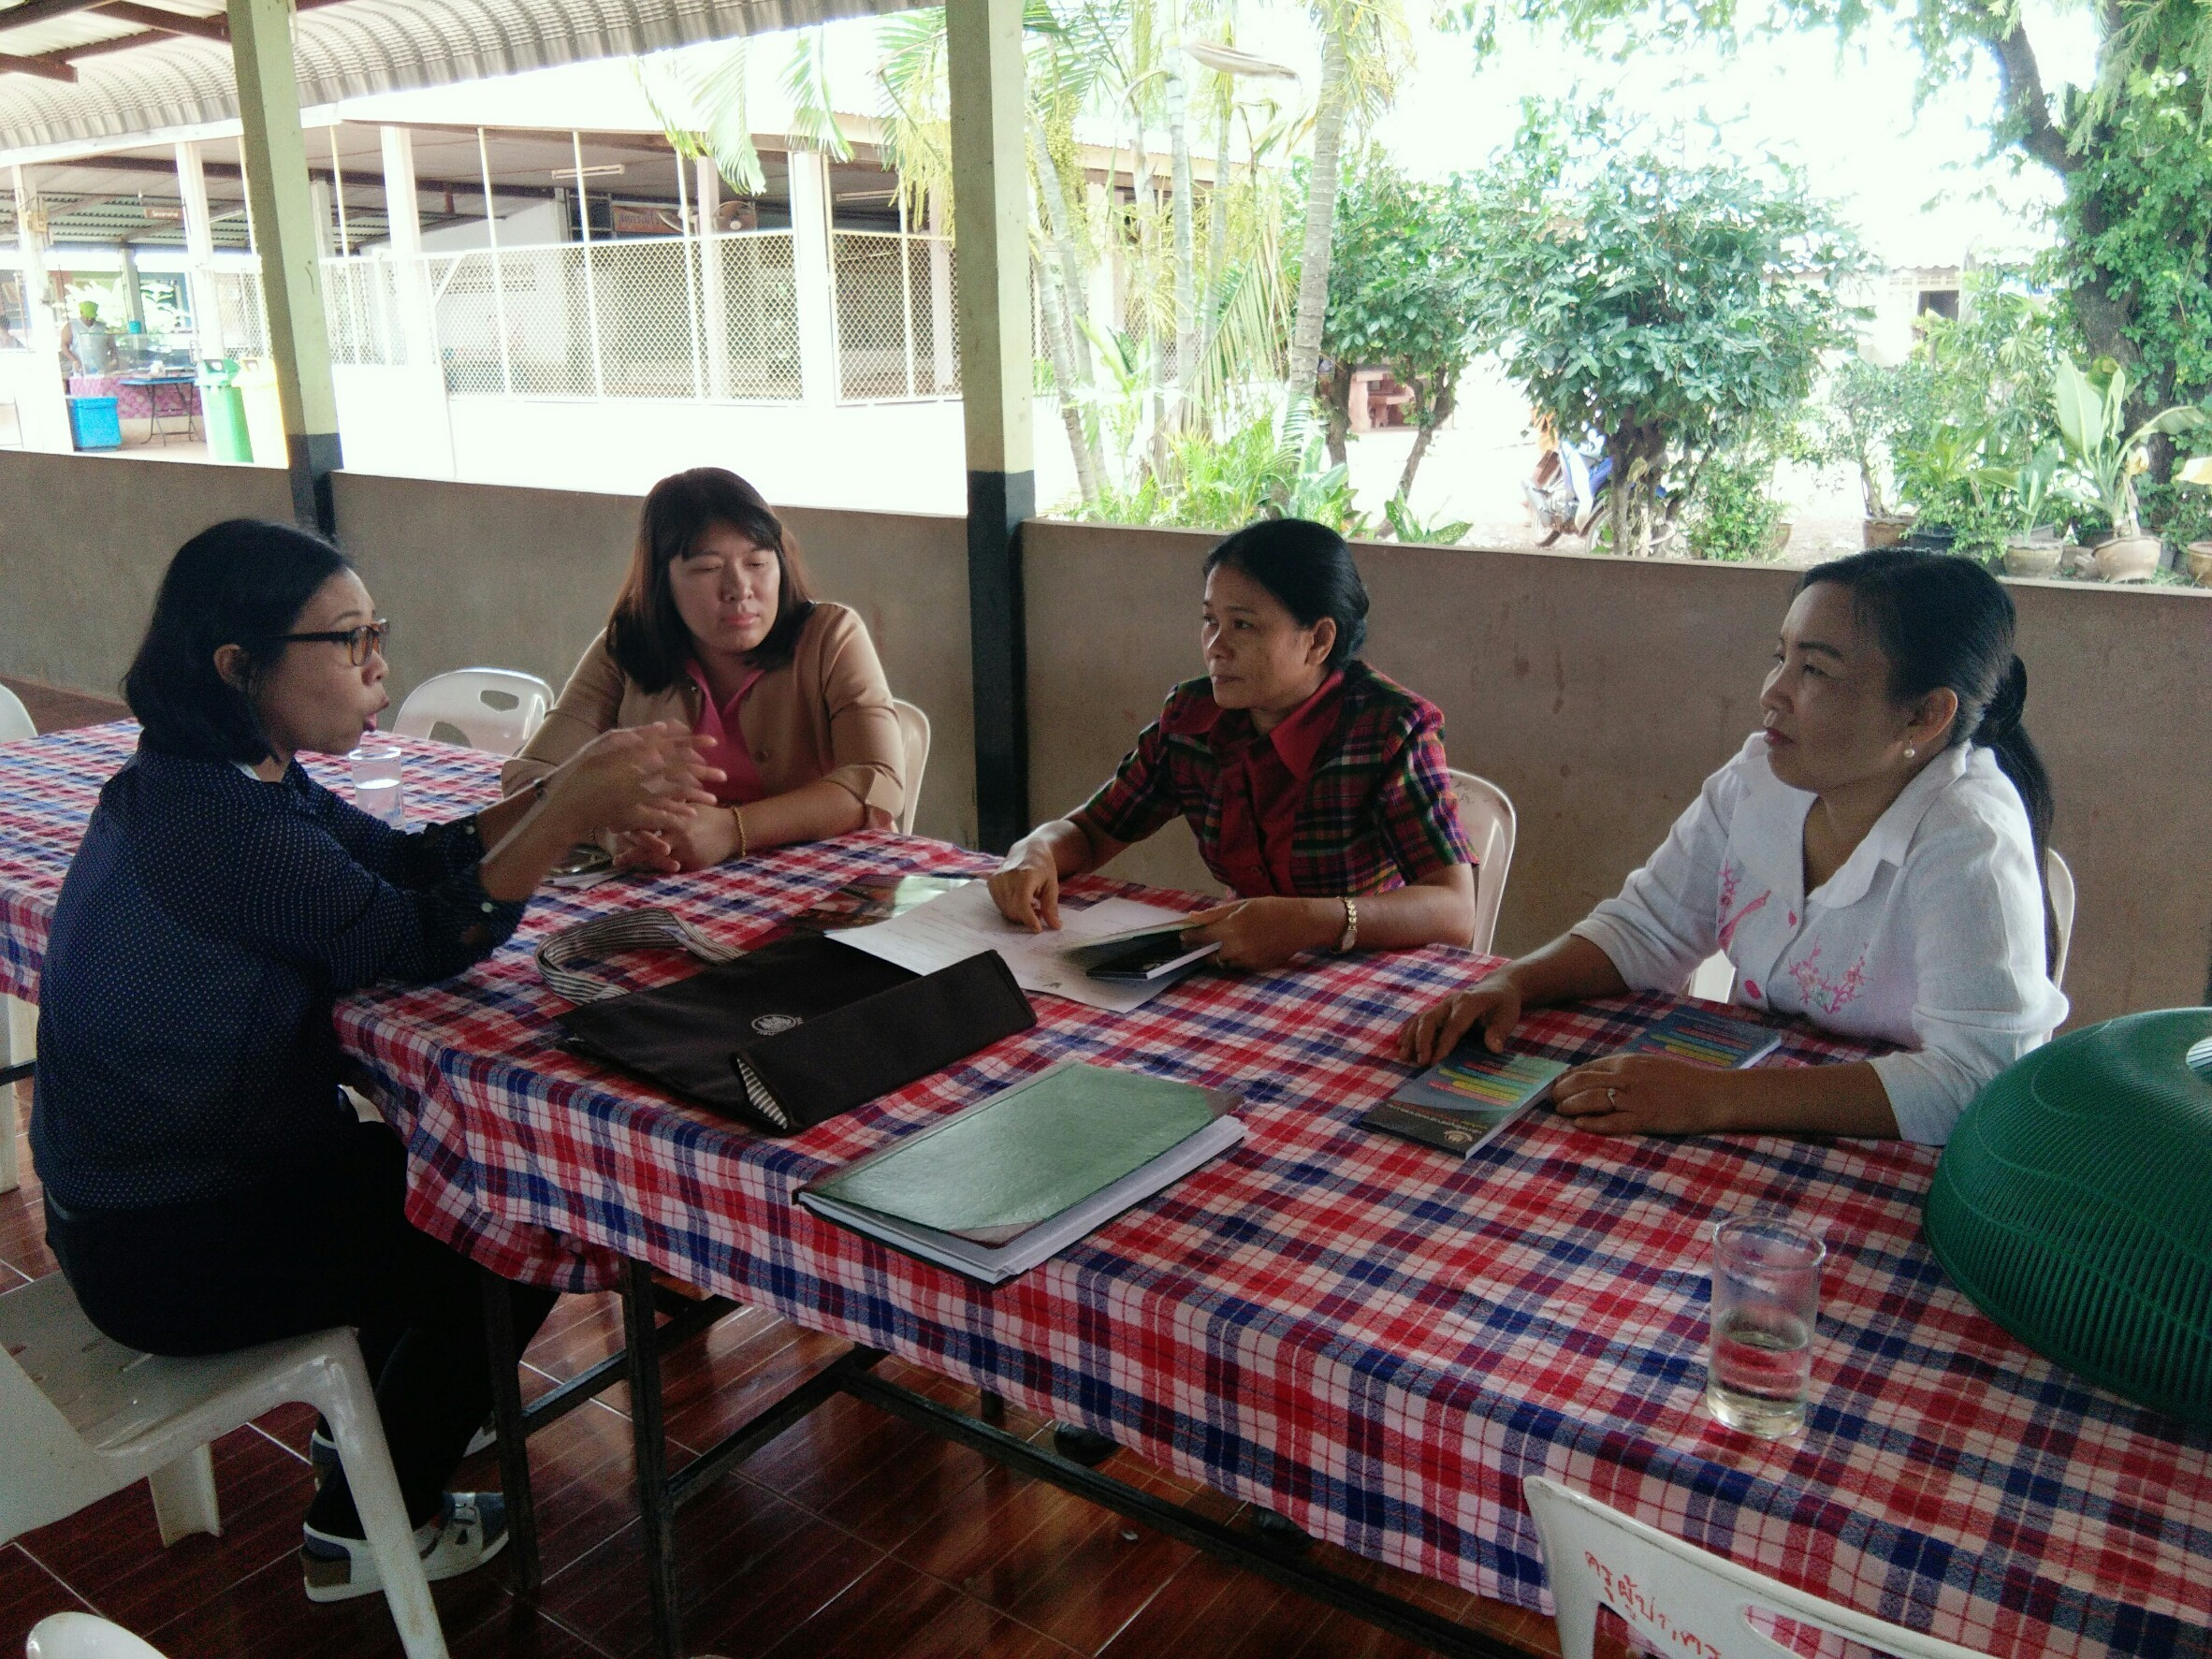 โครงการขยายเครือข่ายข้อมูลข่าวสารสู่ตำบลและหมู่บ้าน ปี 2561 ในจังหวัดสกลนคร